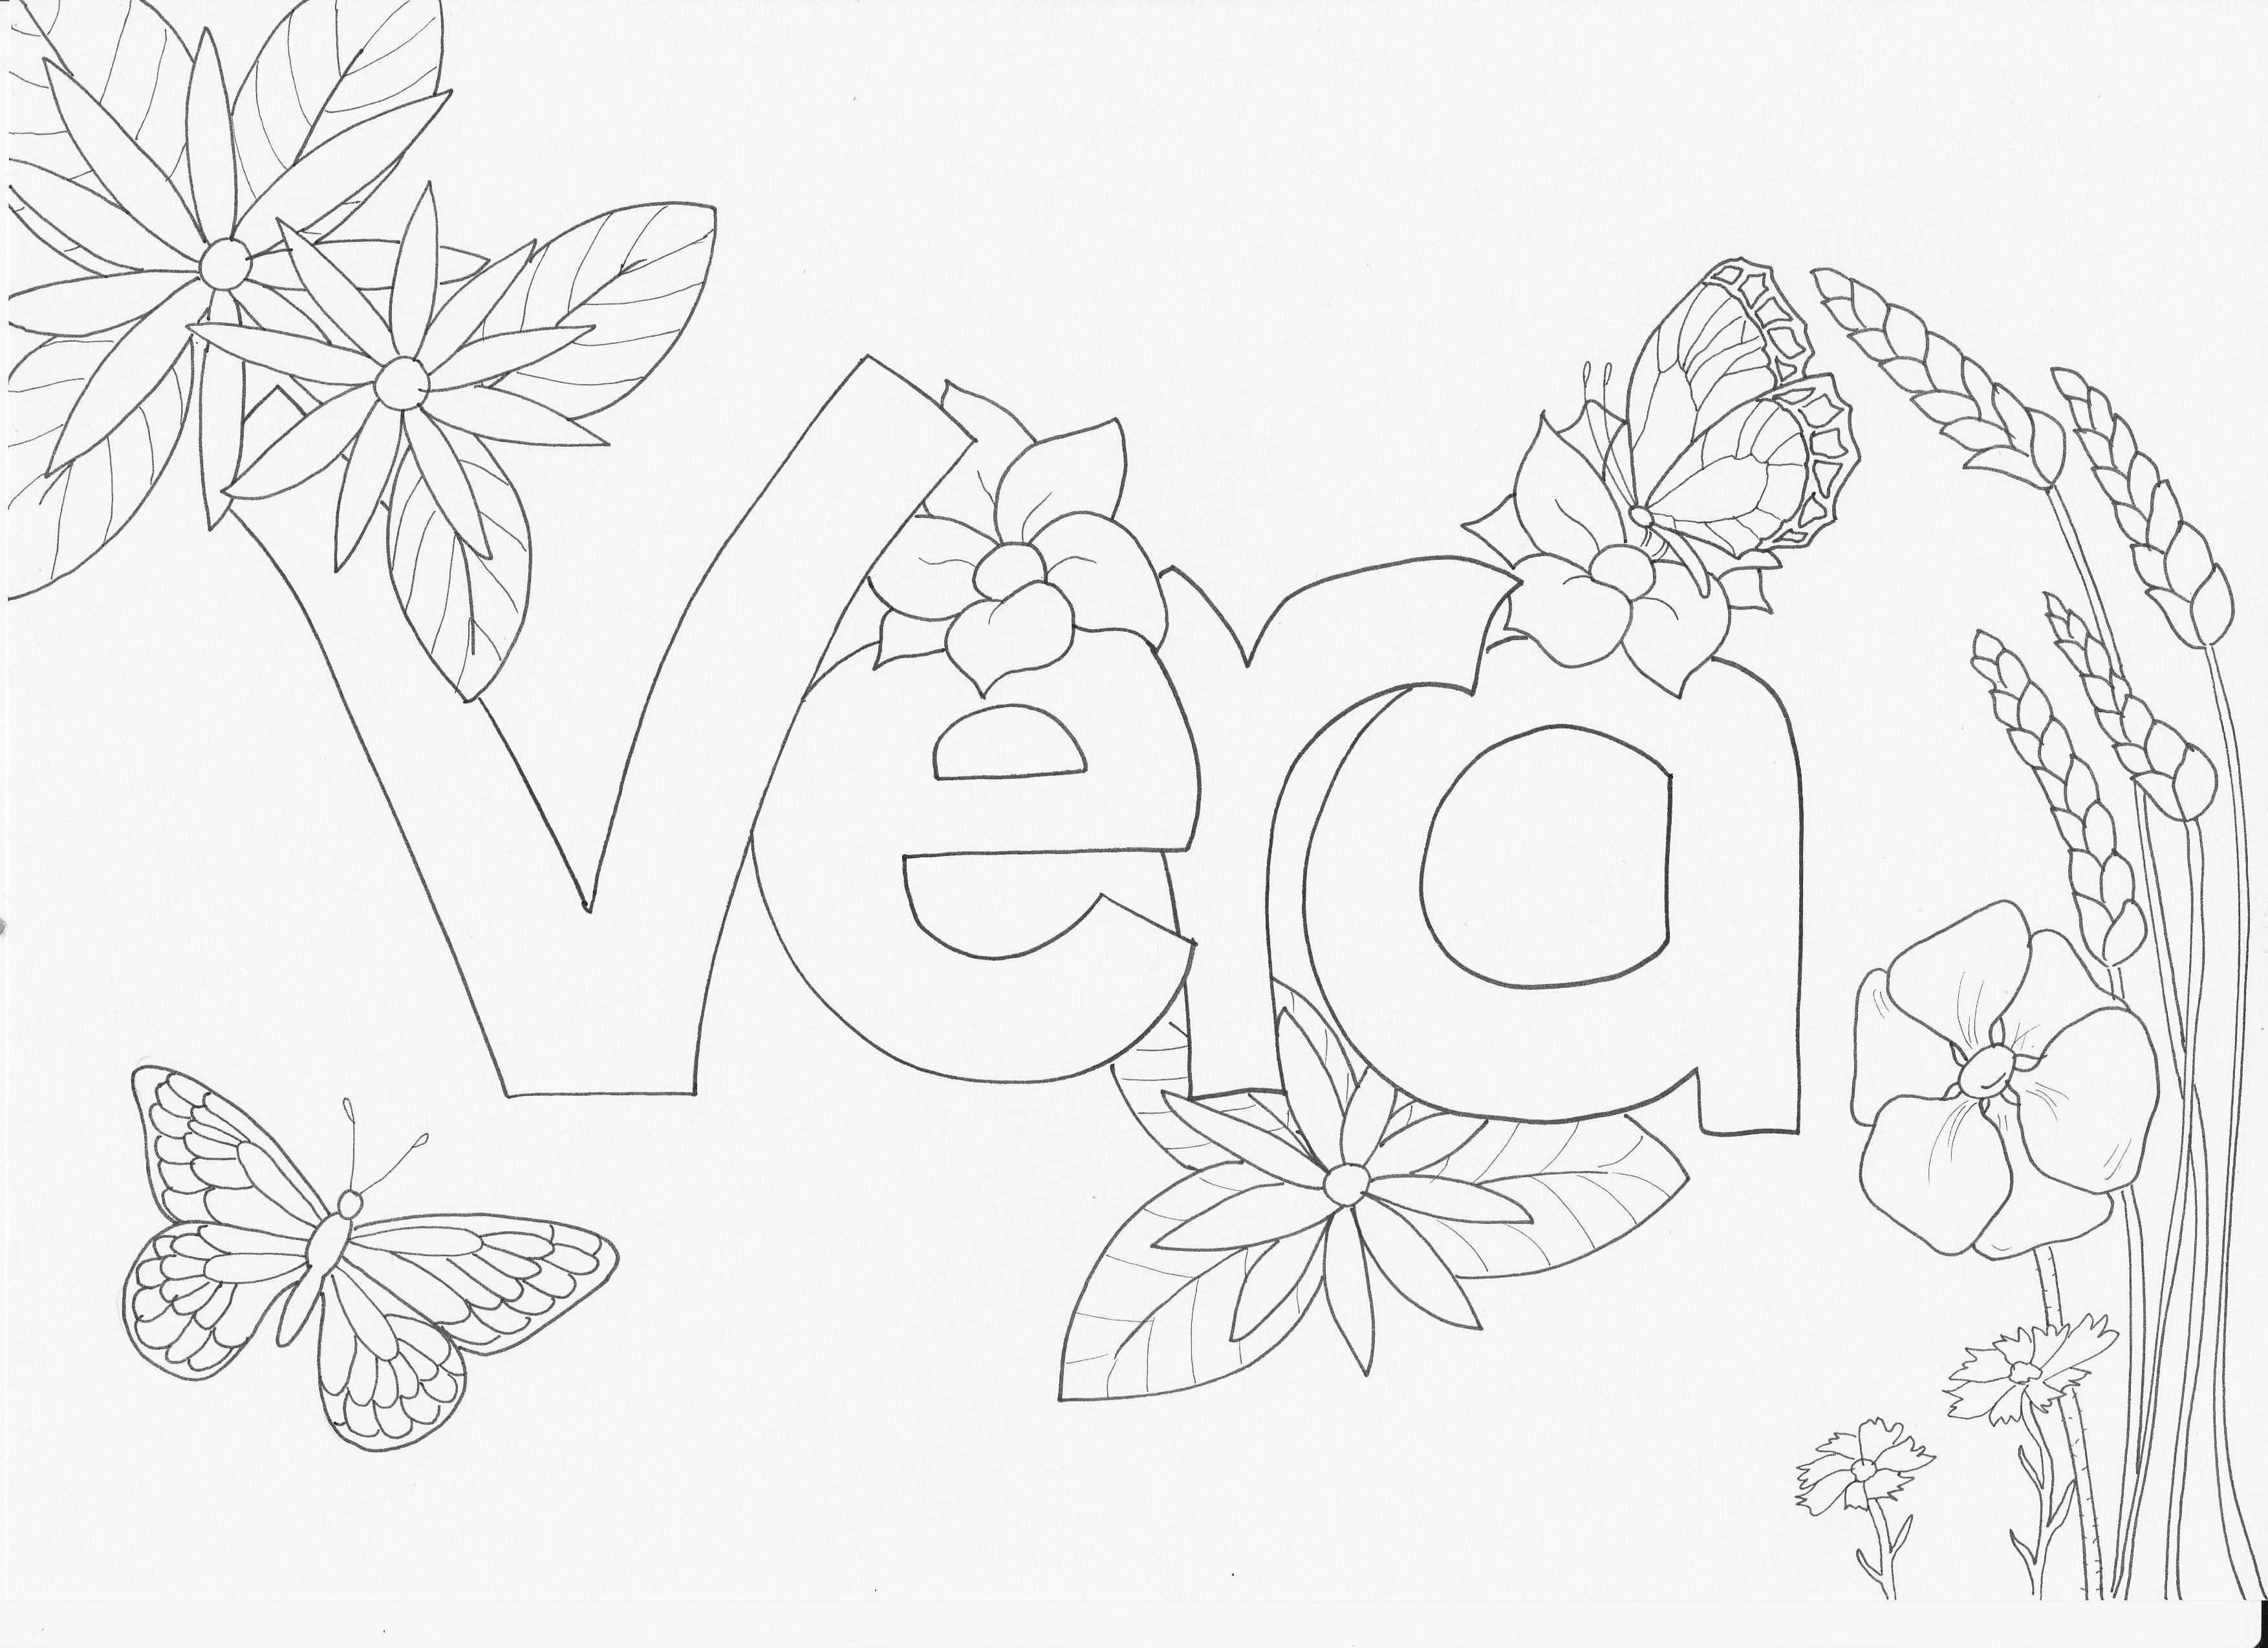 Kleurplaat Met Je Naam Vera Naamkleurplaat Kleurplaten Vlinders Naam